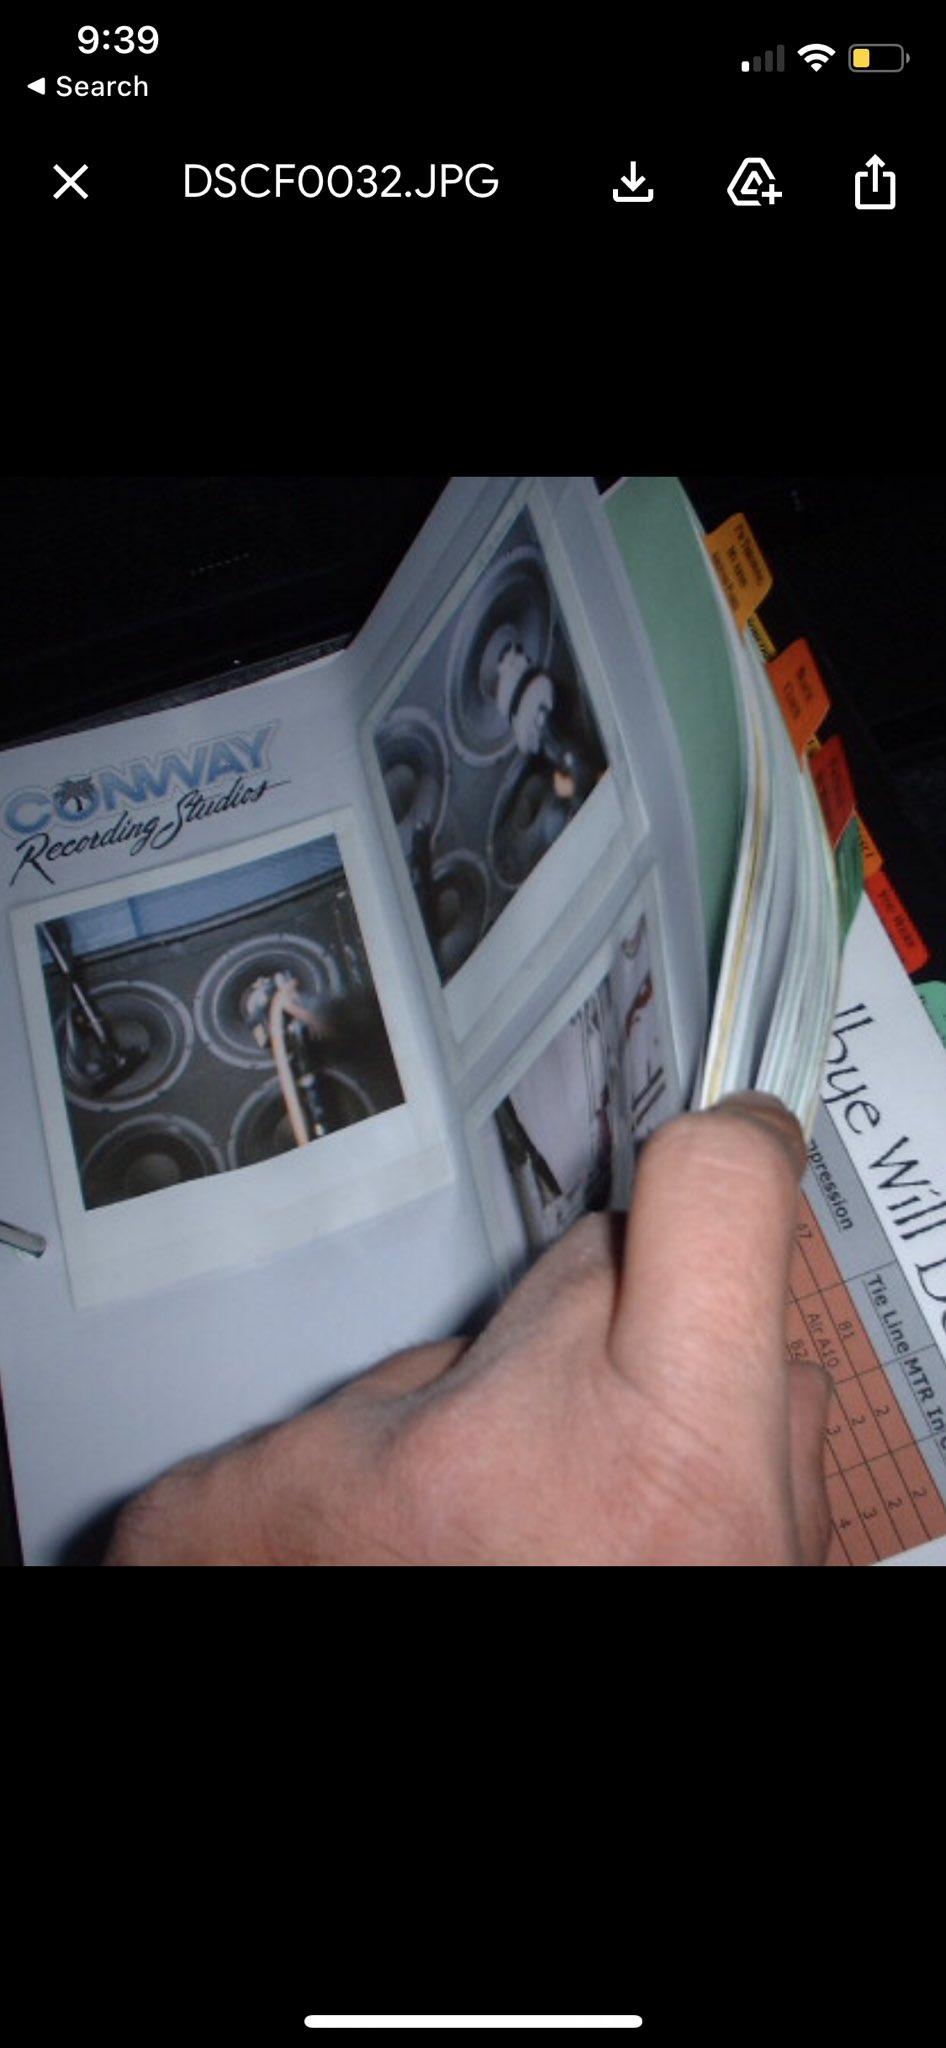 Morrissey Years of Refusal recording notes (iii).jpg